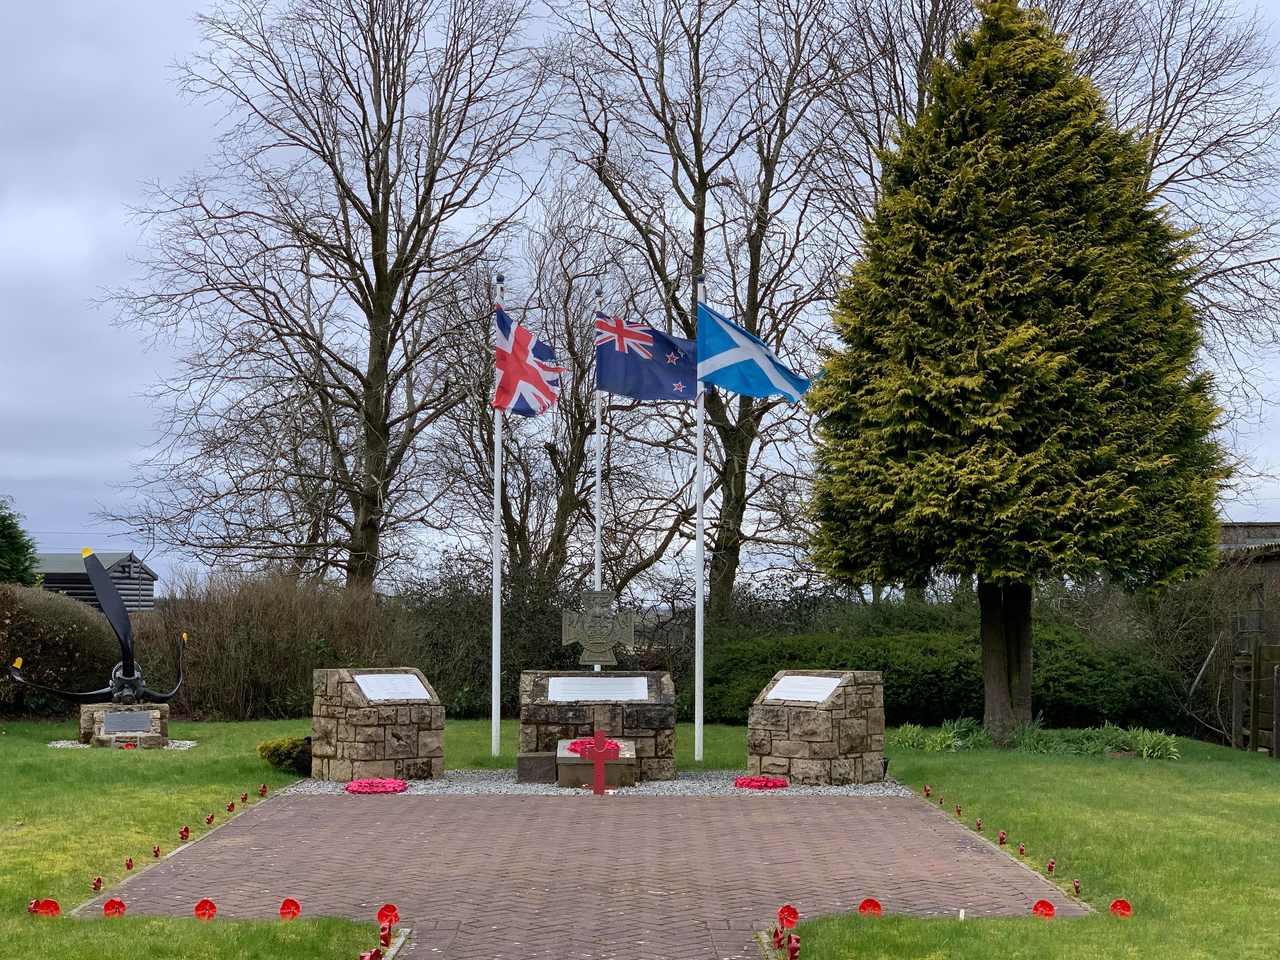 Slamannan Memorial Garden